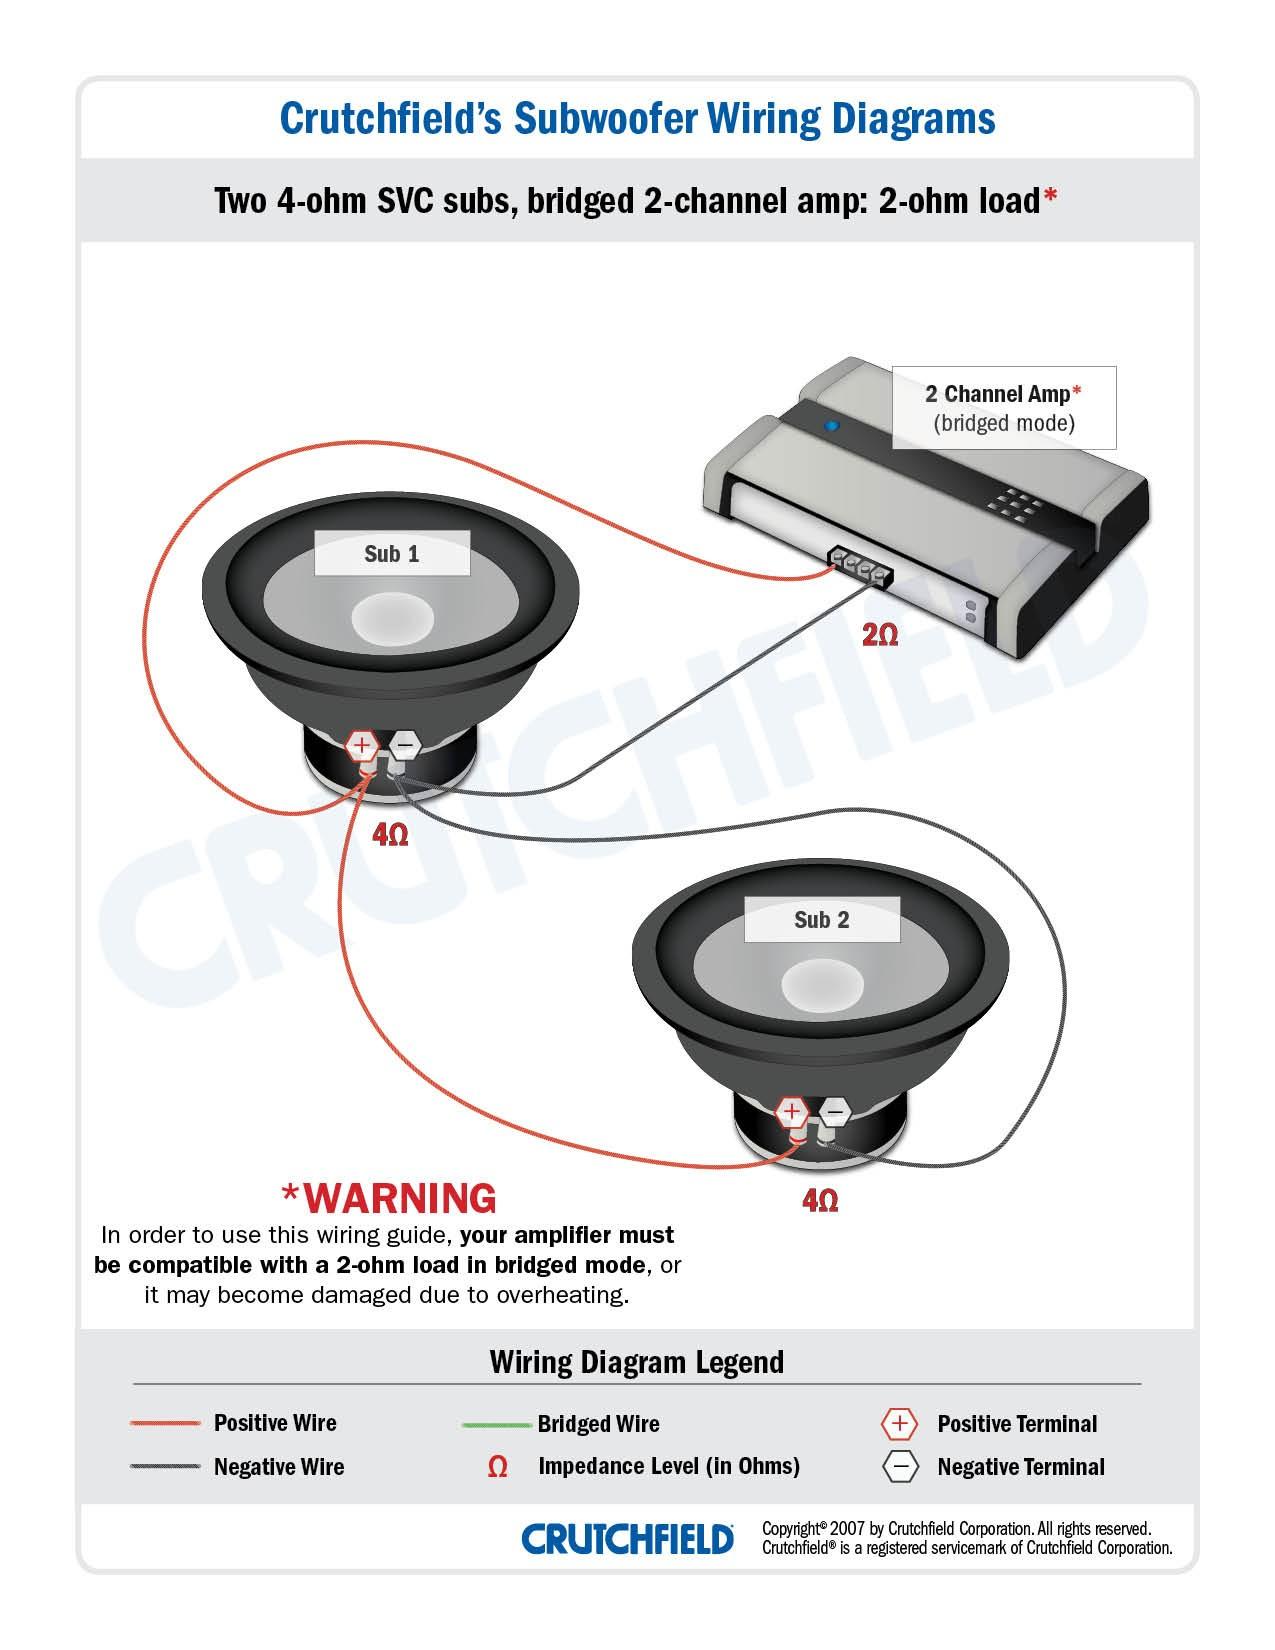 Cvr 12 Wiring Diagram - Wiring Diagram Schema Img - Kicker Cvr 12 Wiring Diagram